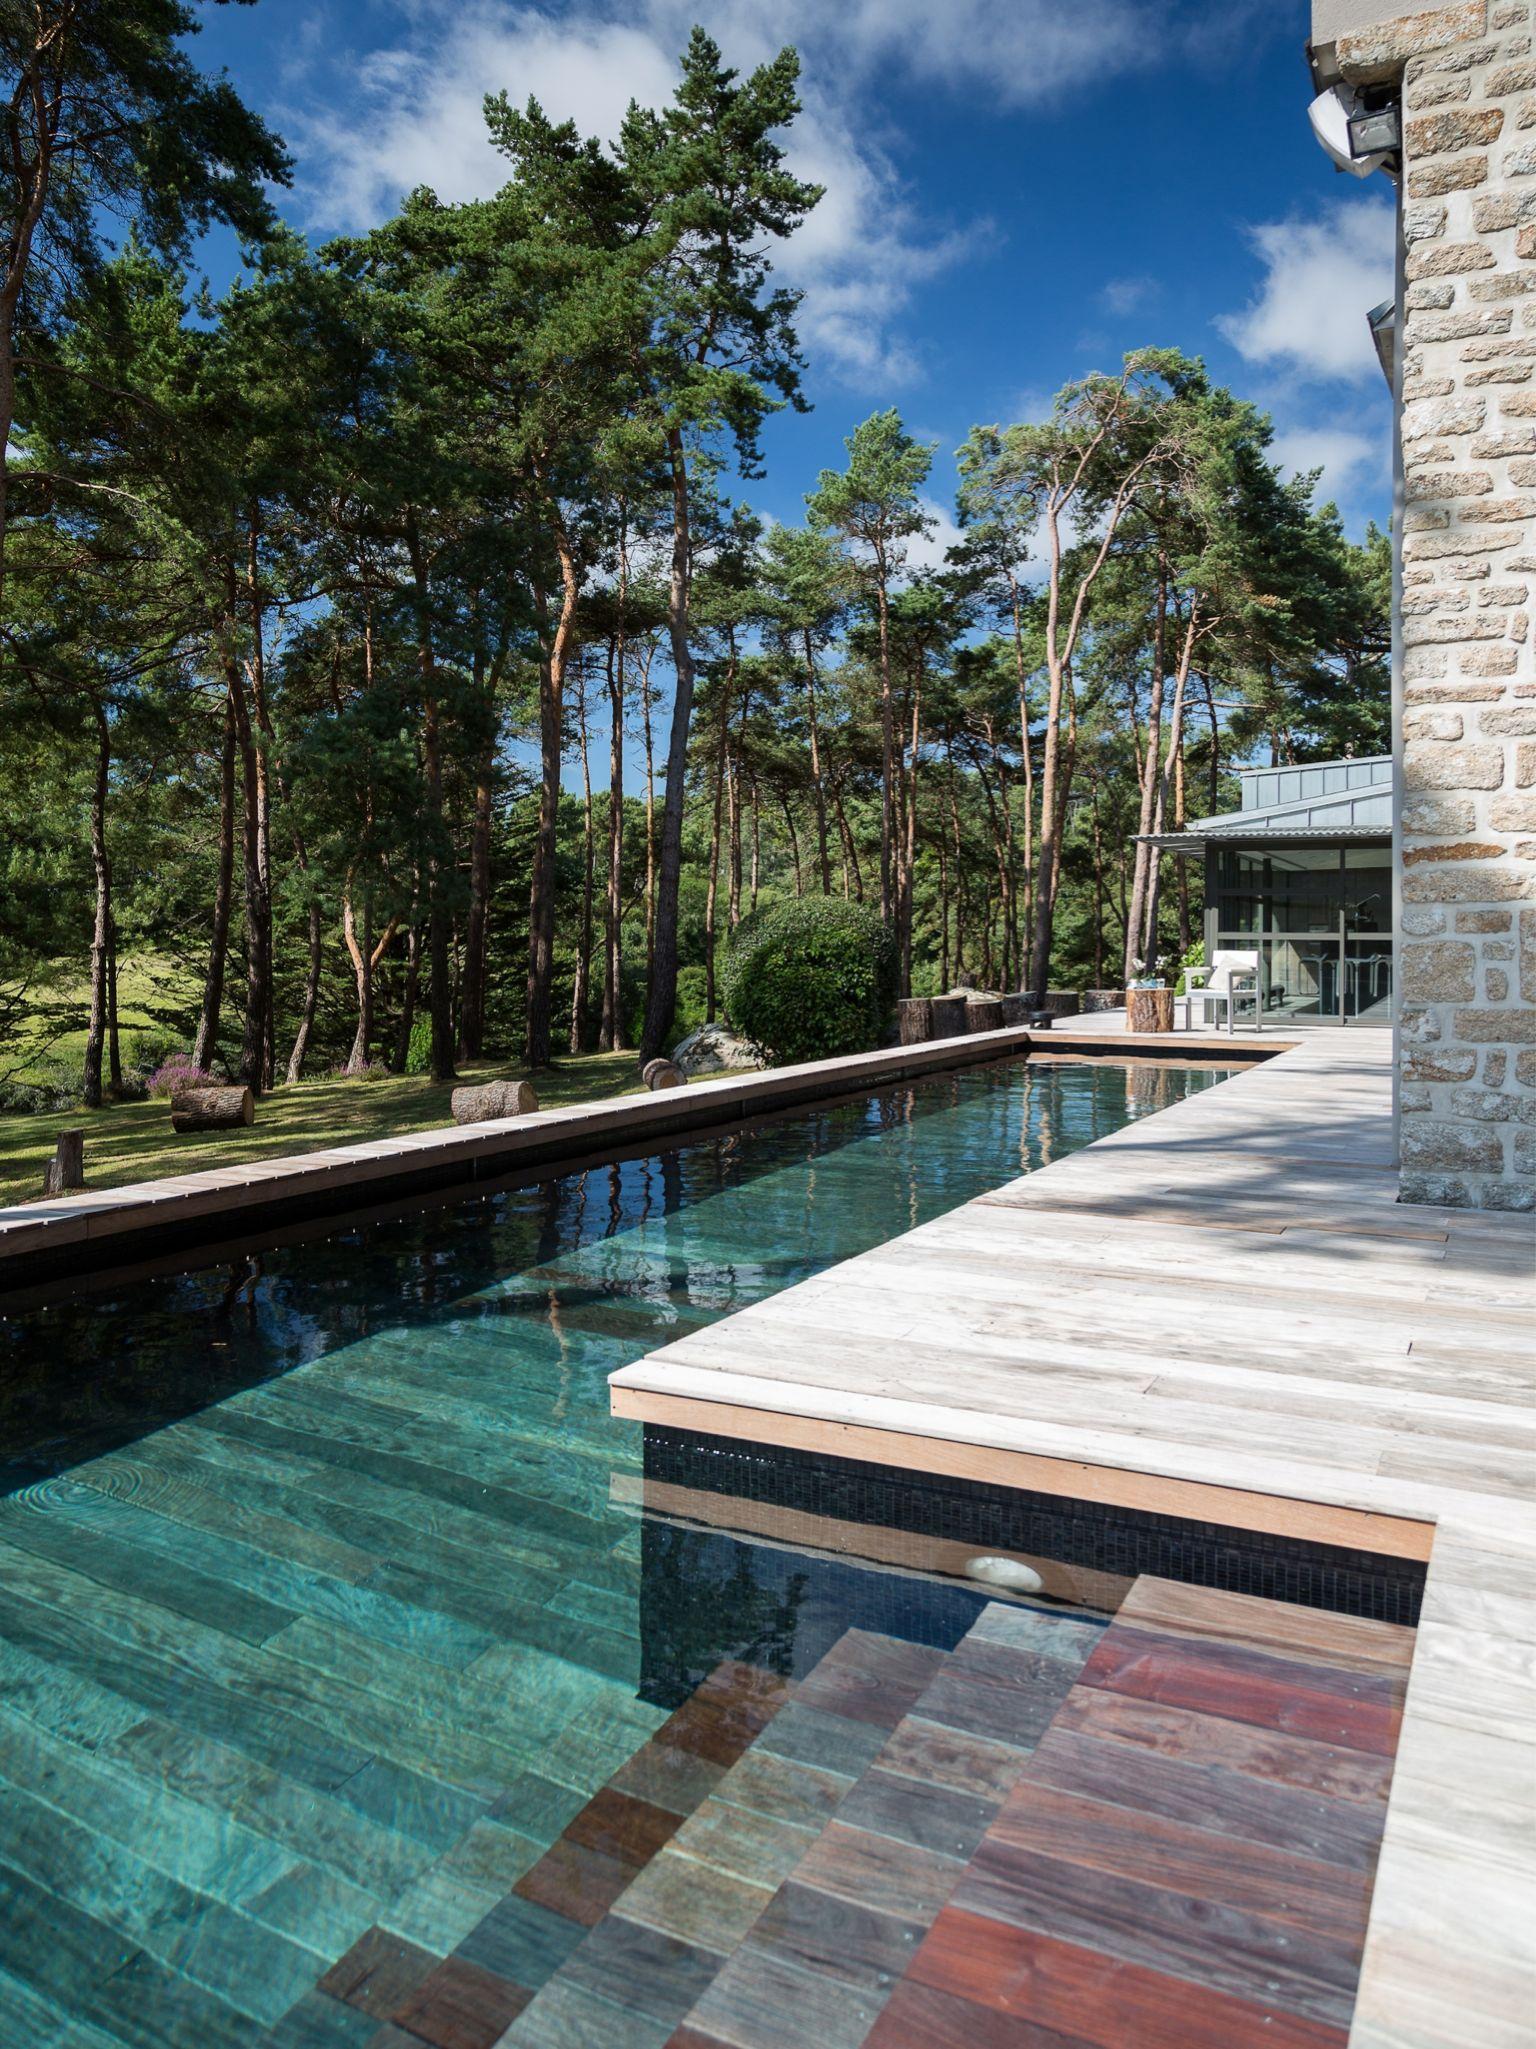 Au Fond De La Piscine : piscine, Mobile, L'esprit, Piscine, Piscines, Design,, Carrelée,, Jardin